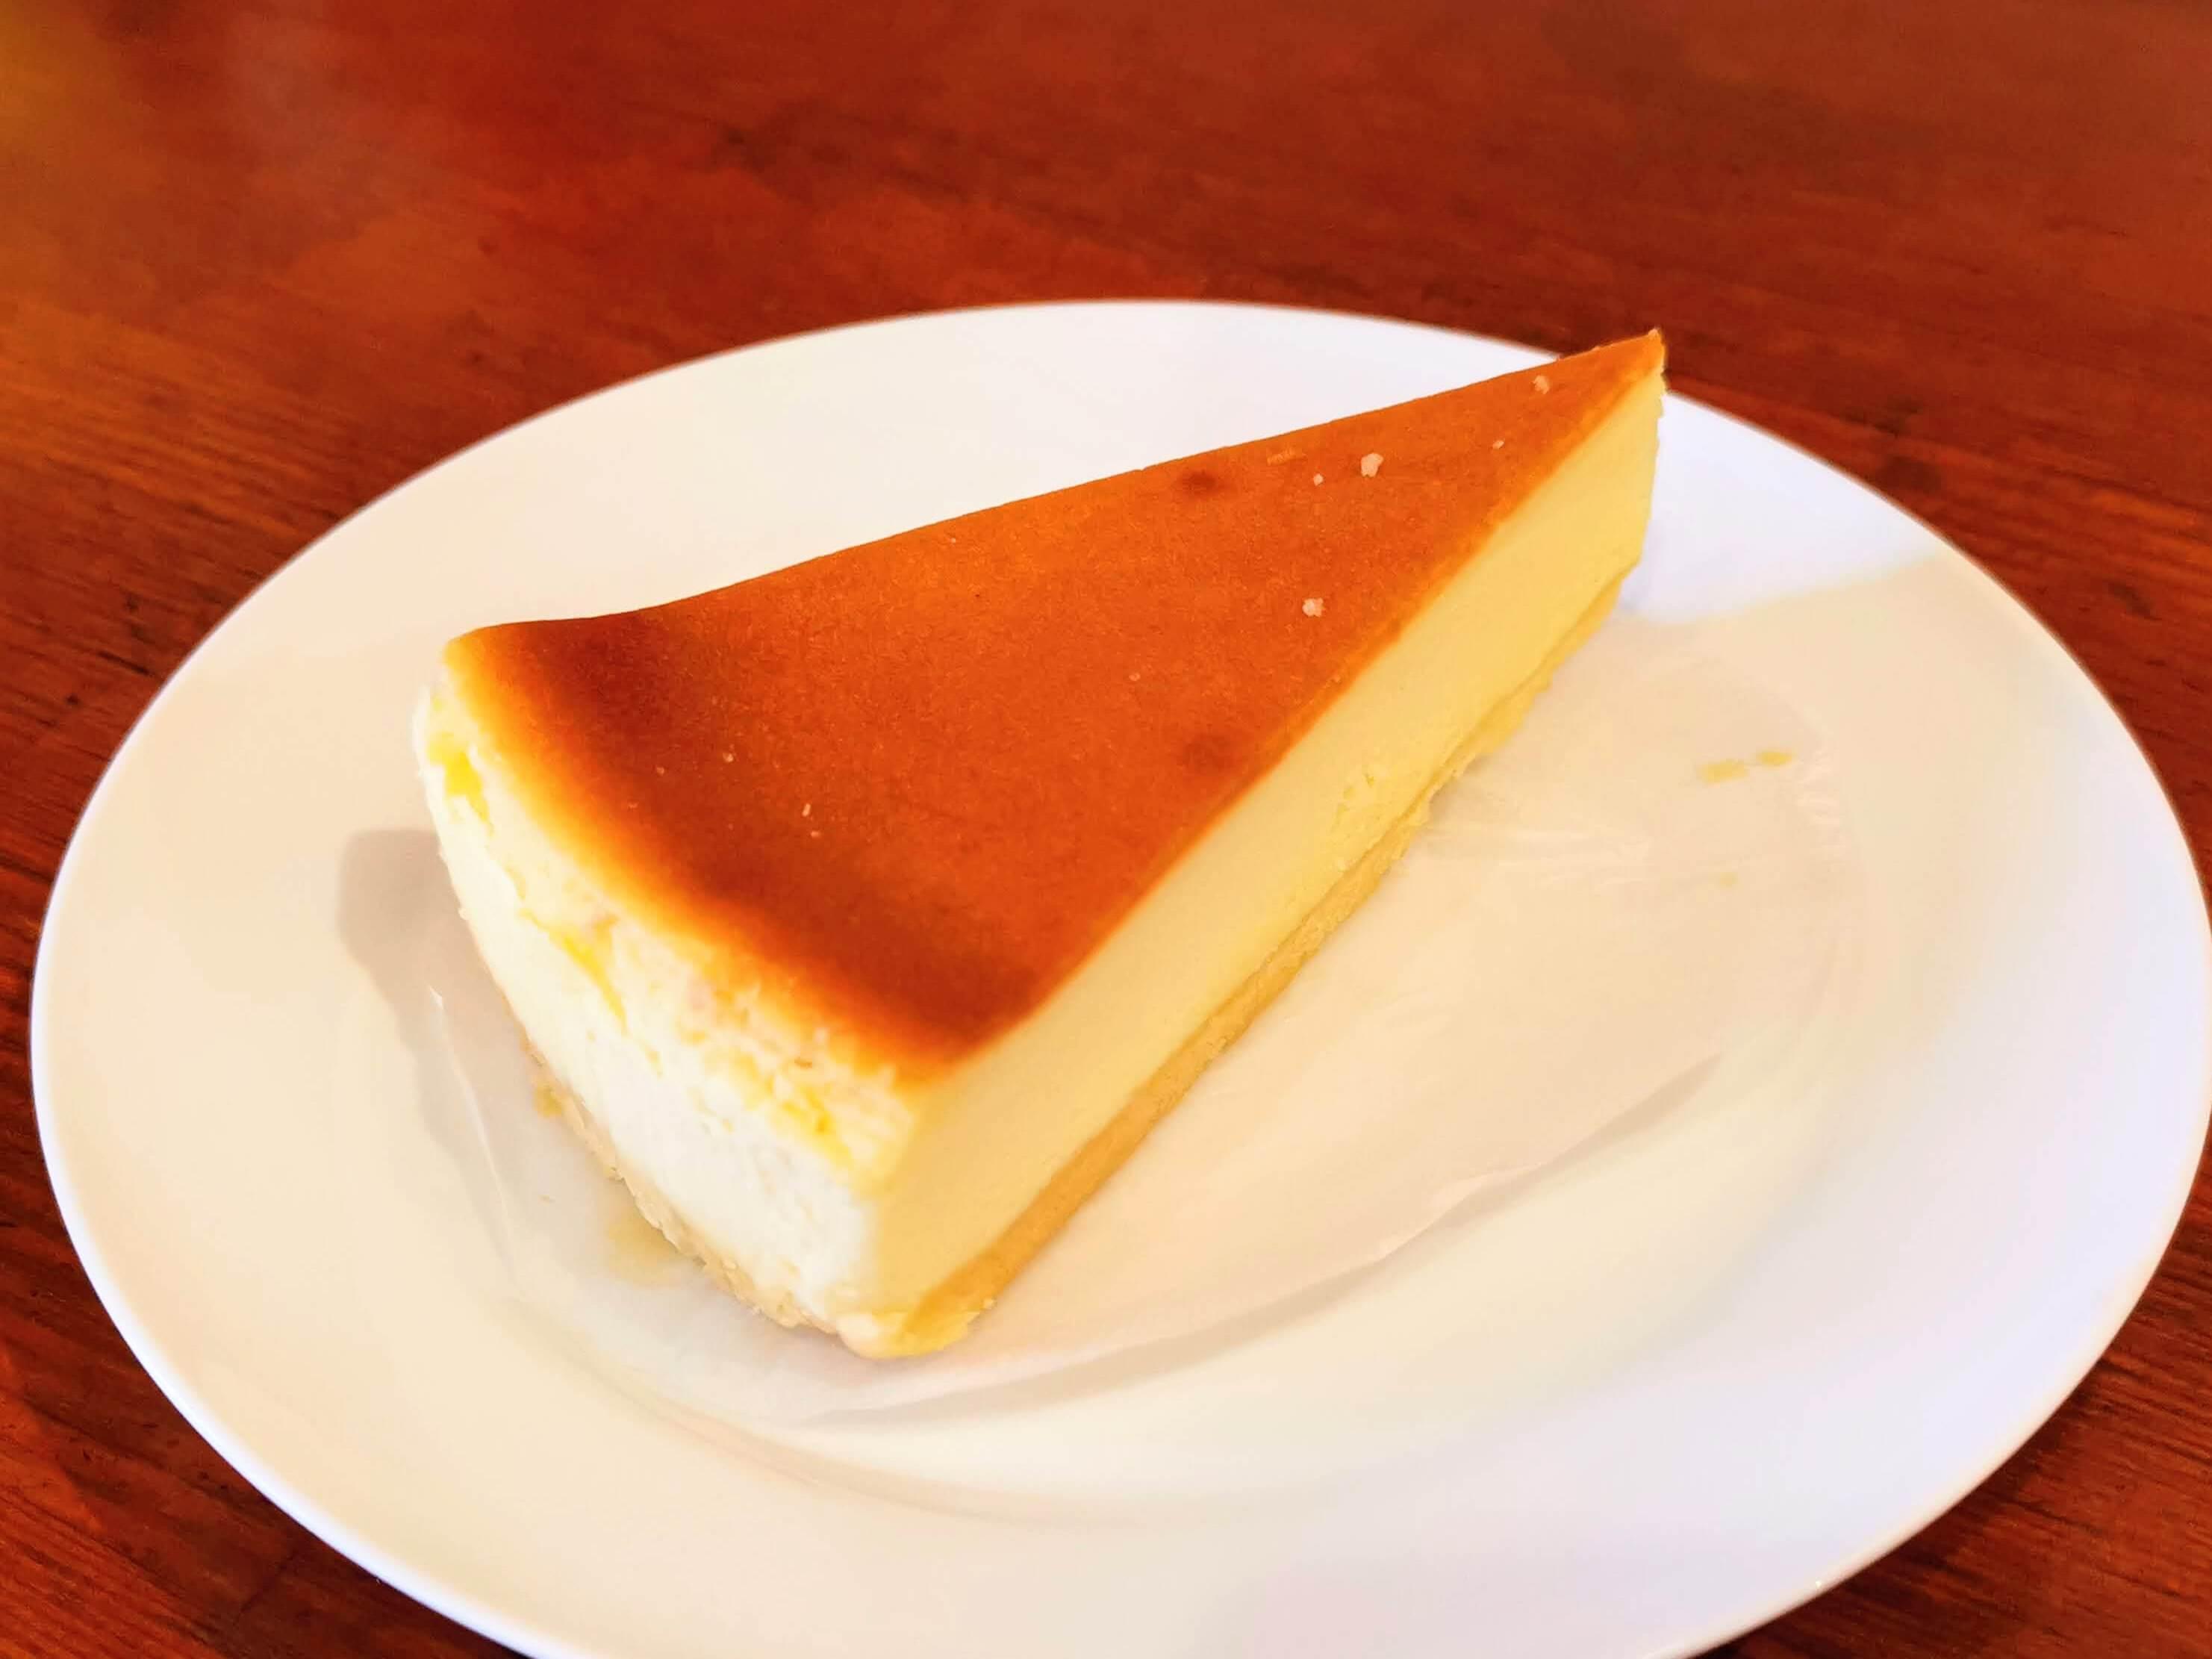 フレッシュネスバーガー ベイクドチーズケーキ (5) ベイクドチーズケーキ